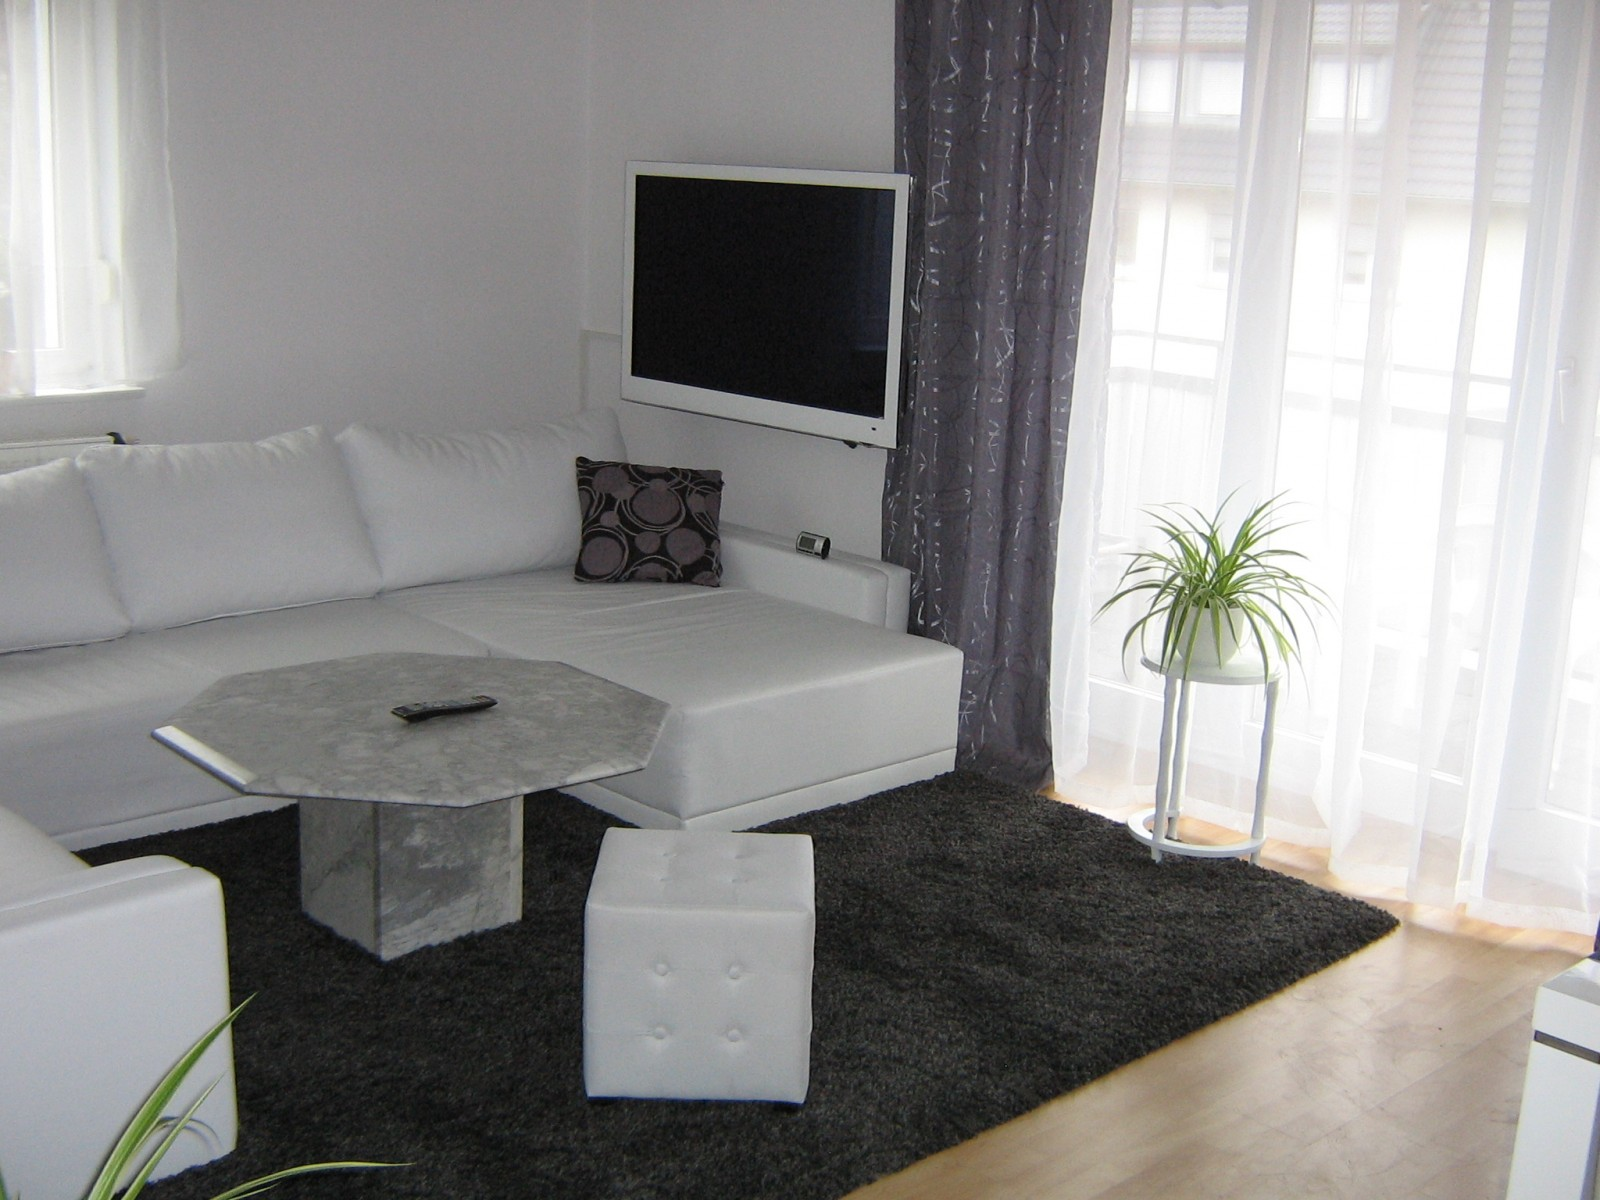 wohnzimmer 'wohnzimmer in grau weiß grÜn' - mein domizil mit neuen ... - Wohnzimmer Grau Weis